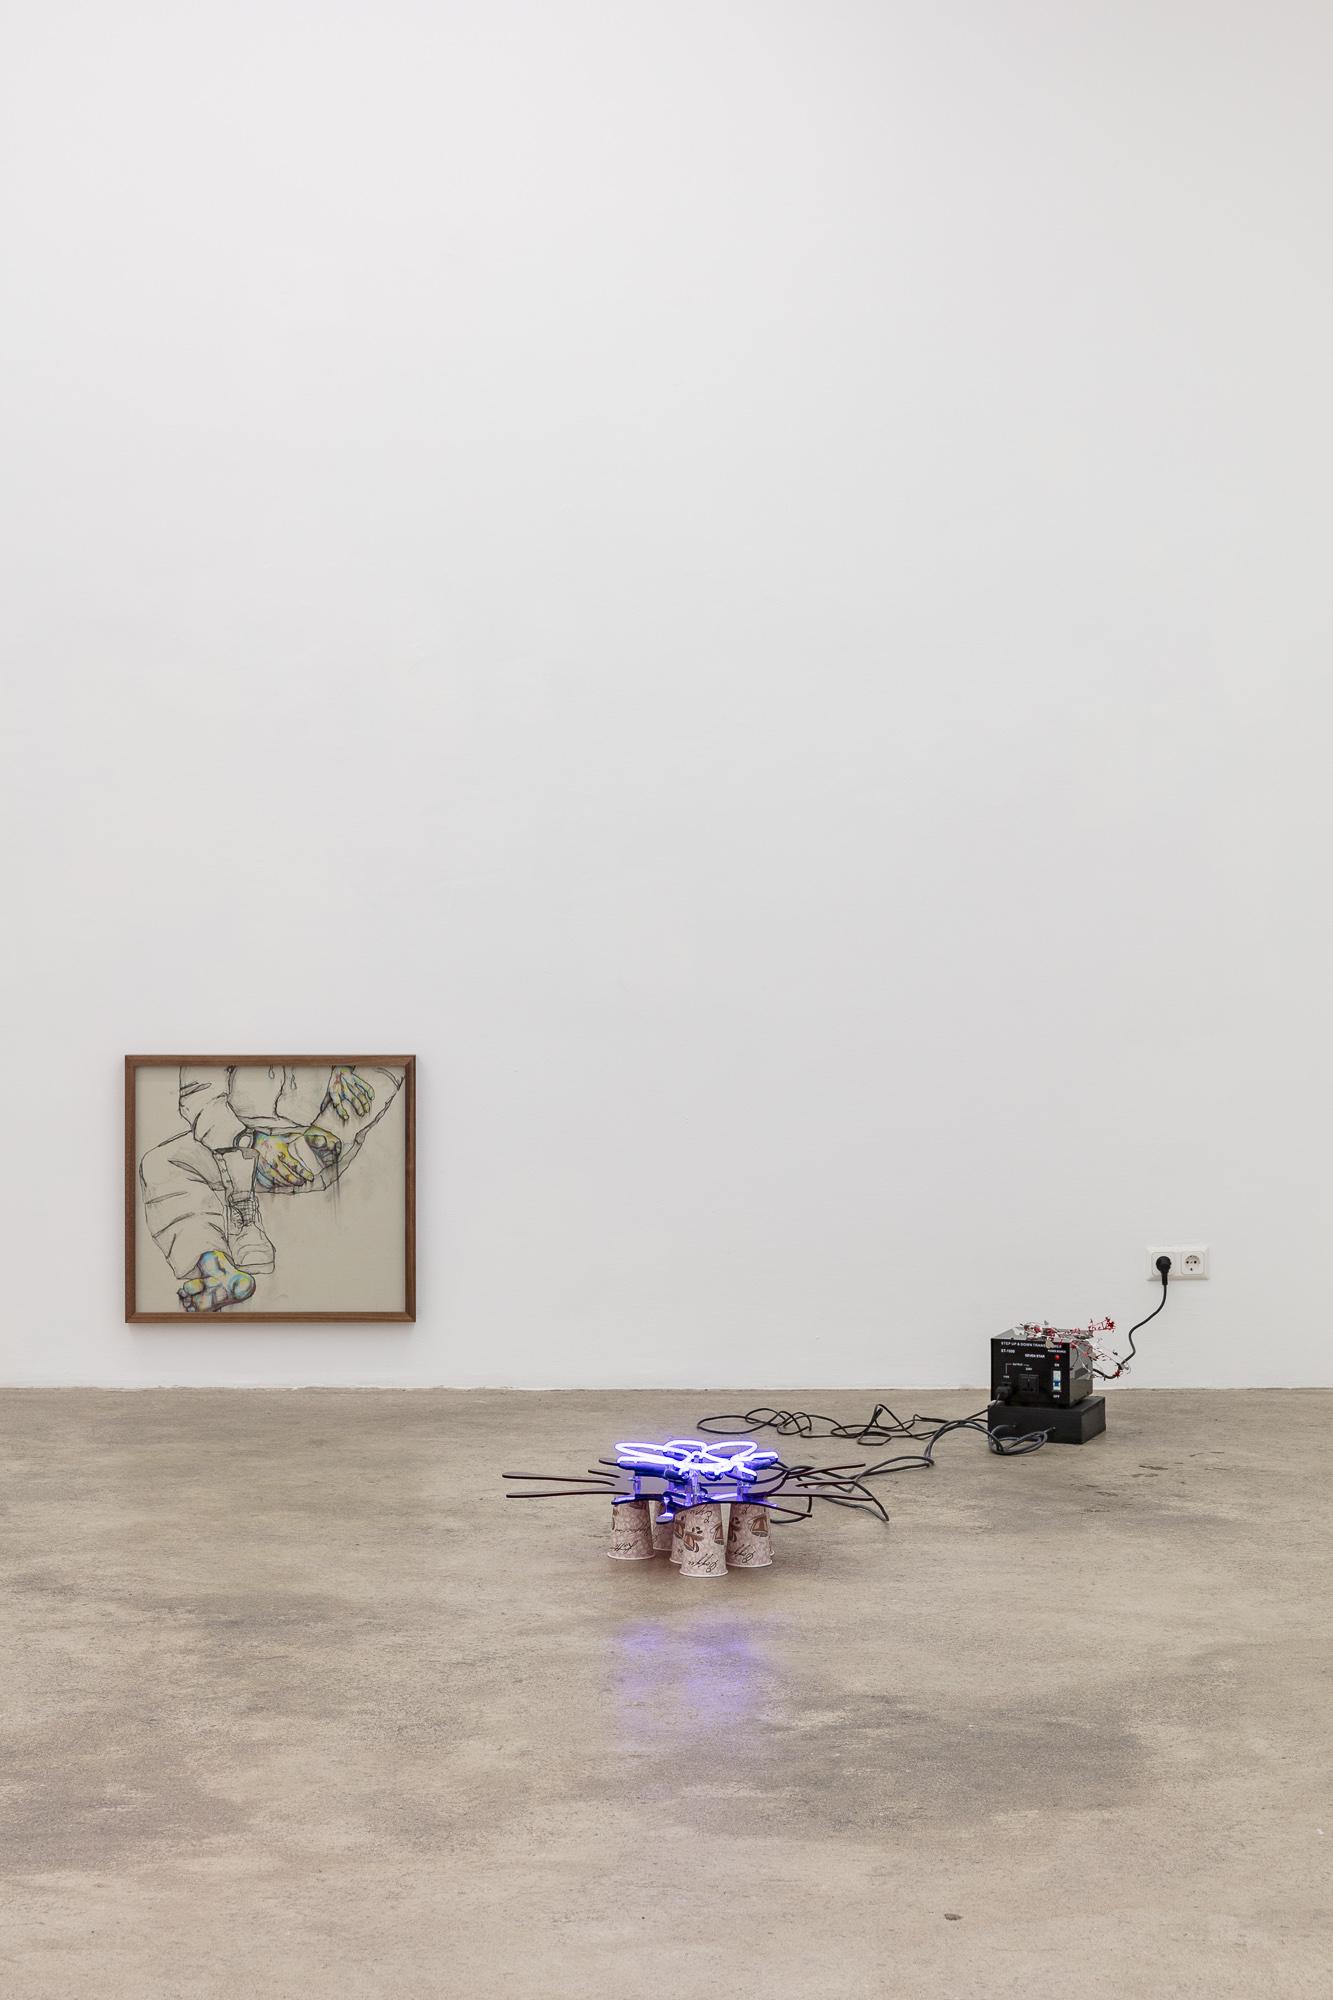 2018_11_13_Kyle Thurman_Sophie Tappeiner_by_kunst-dokumentationcom_016_web.jpg